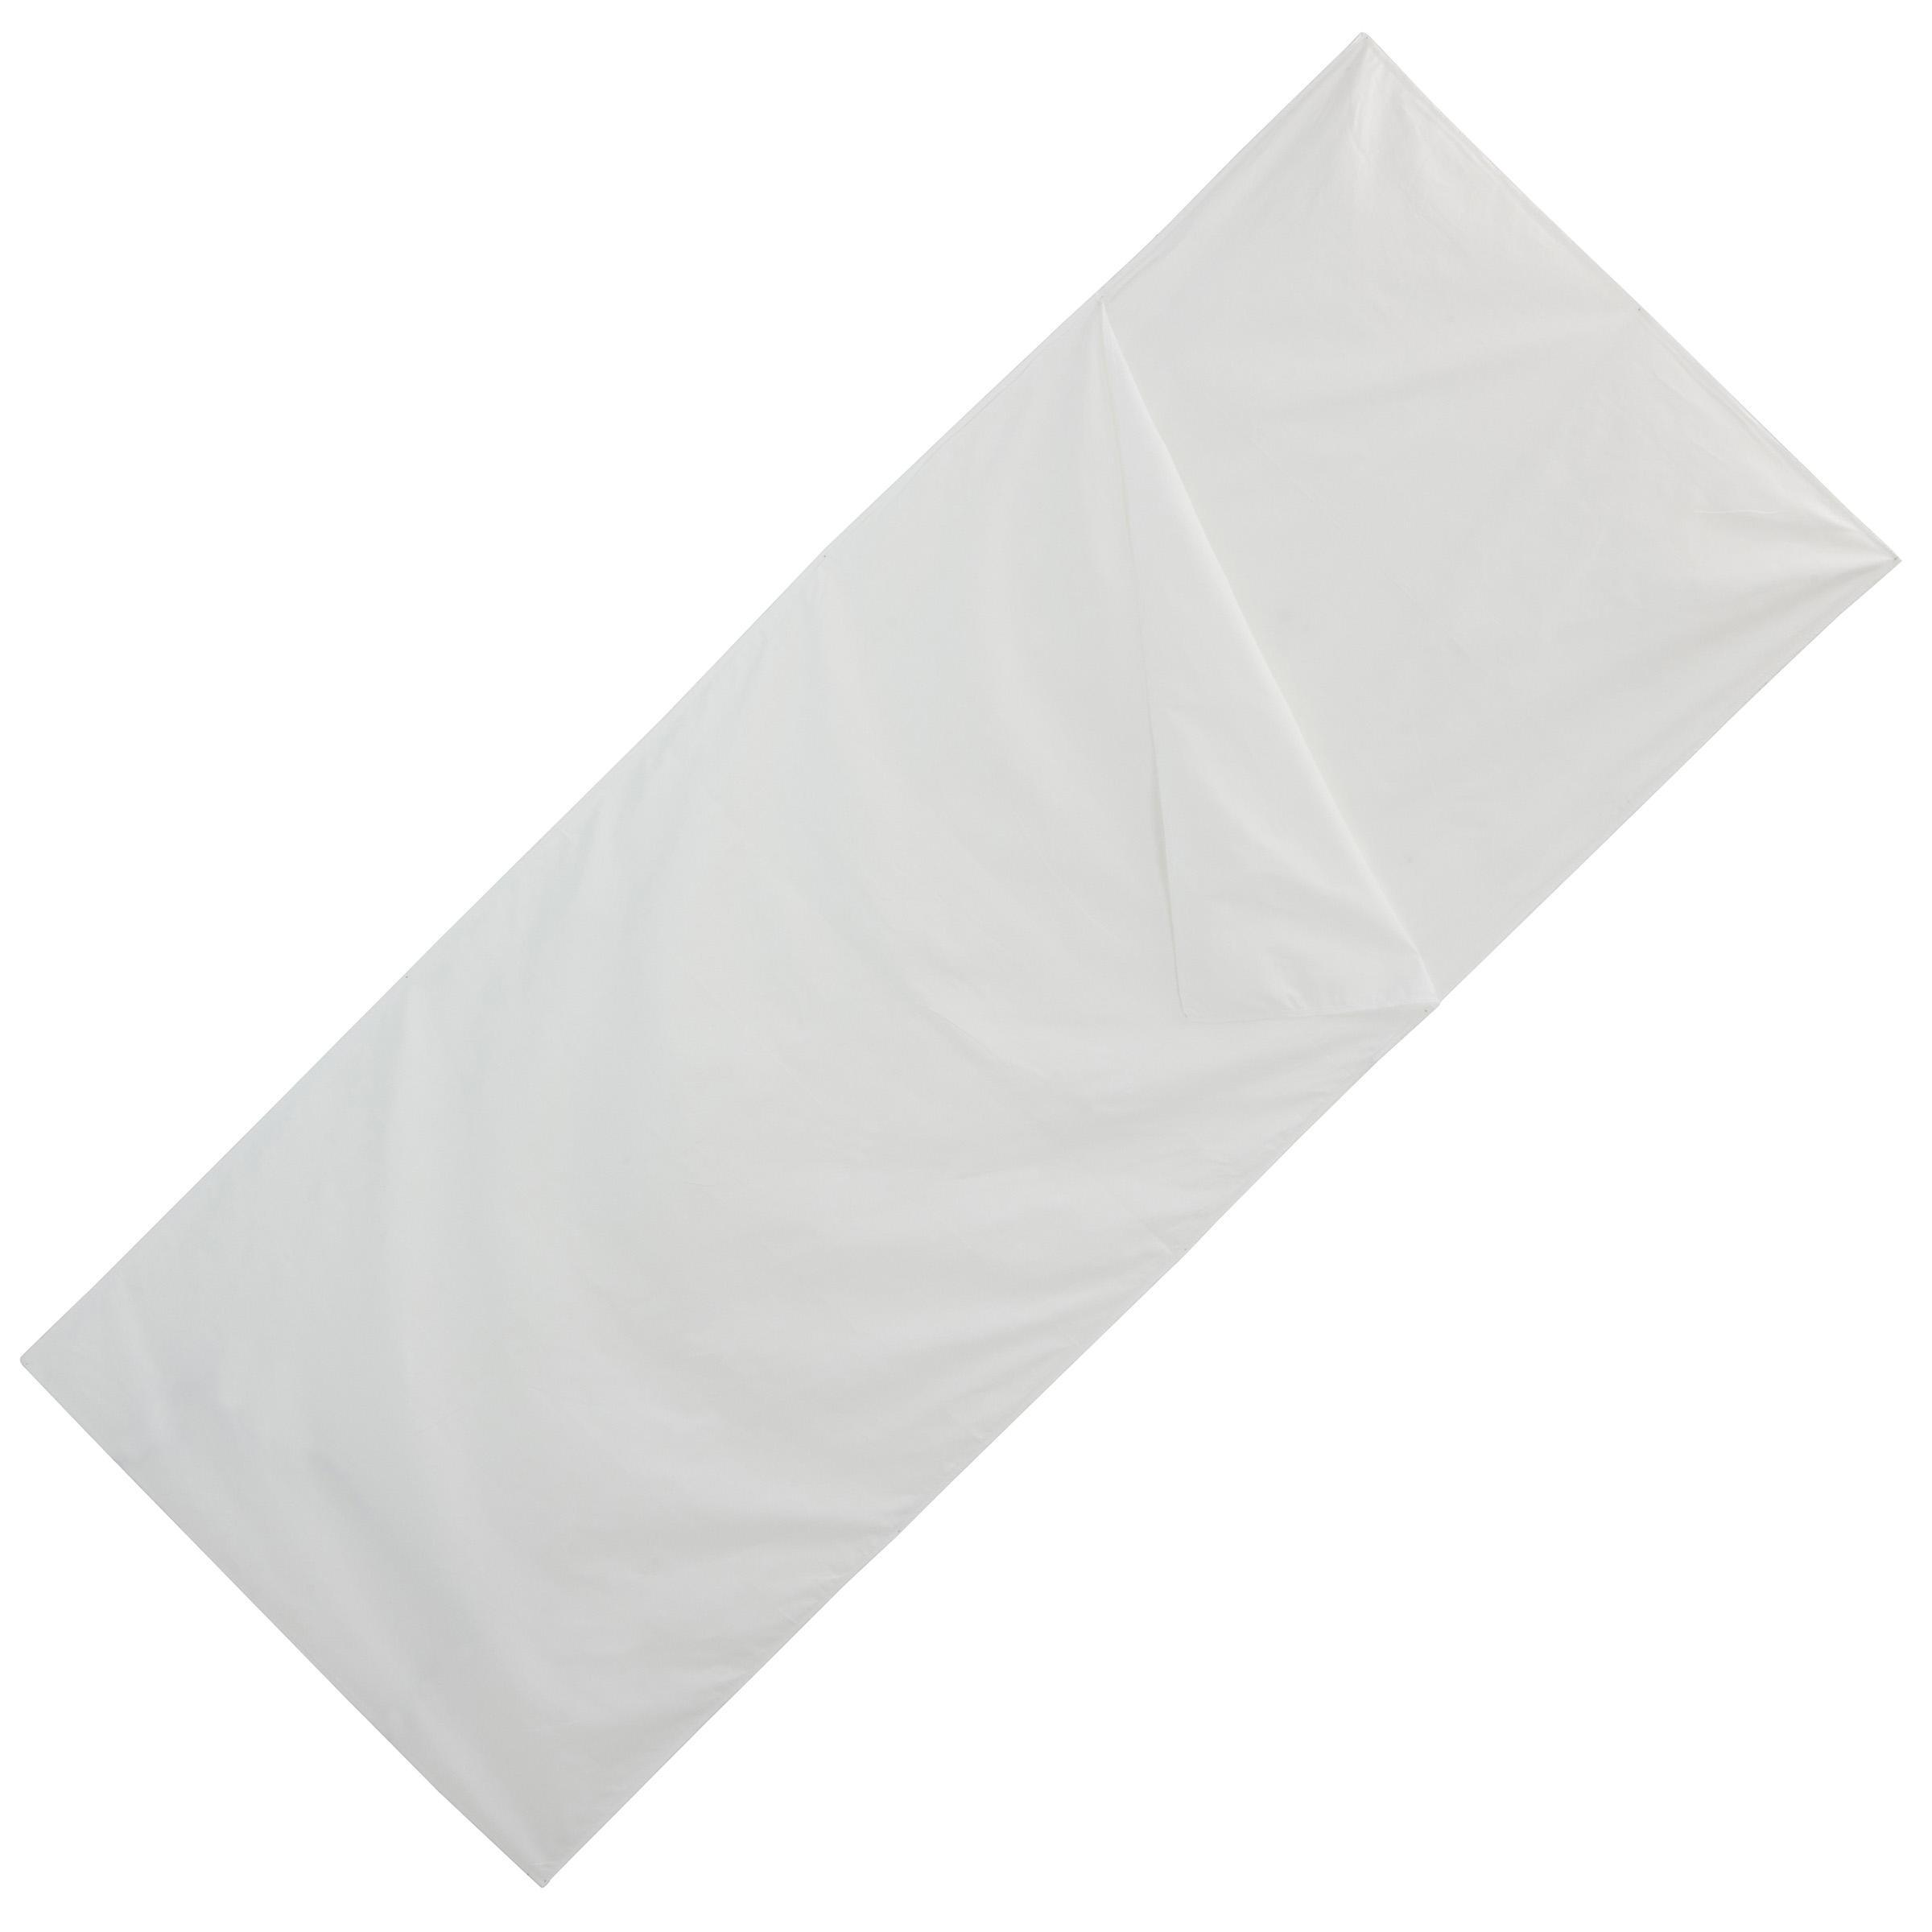 Cotton Sleeping Bag Liner - Beige